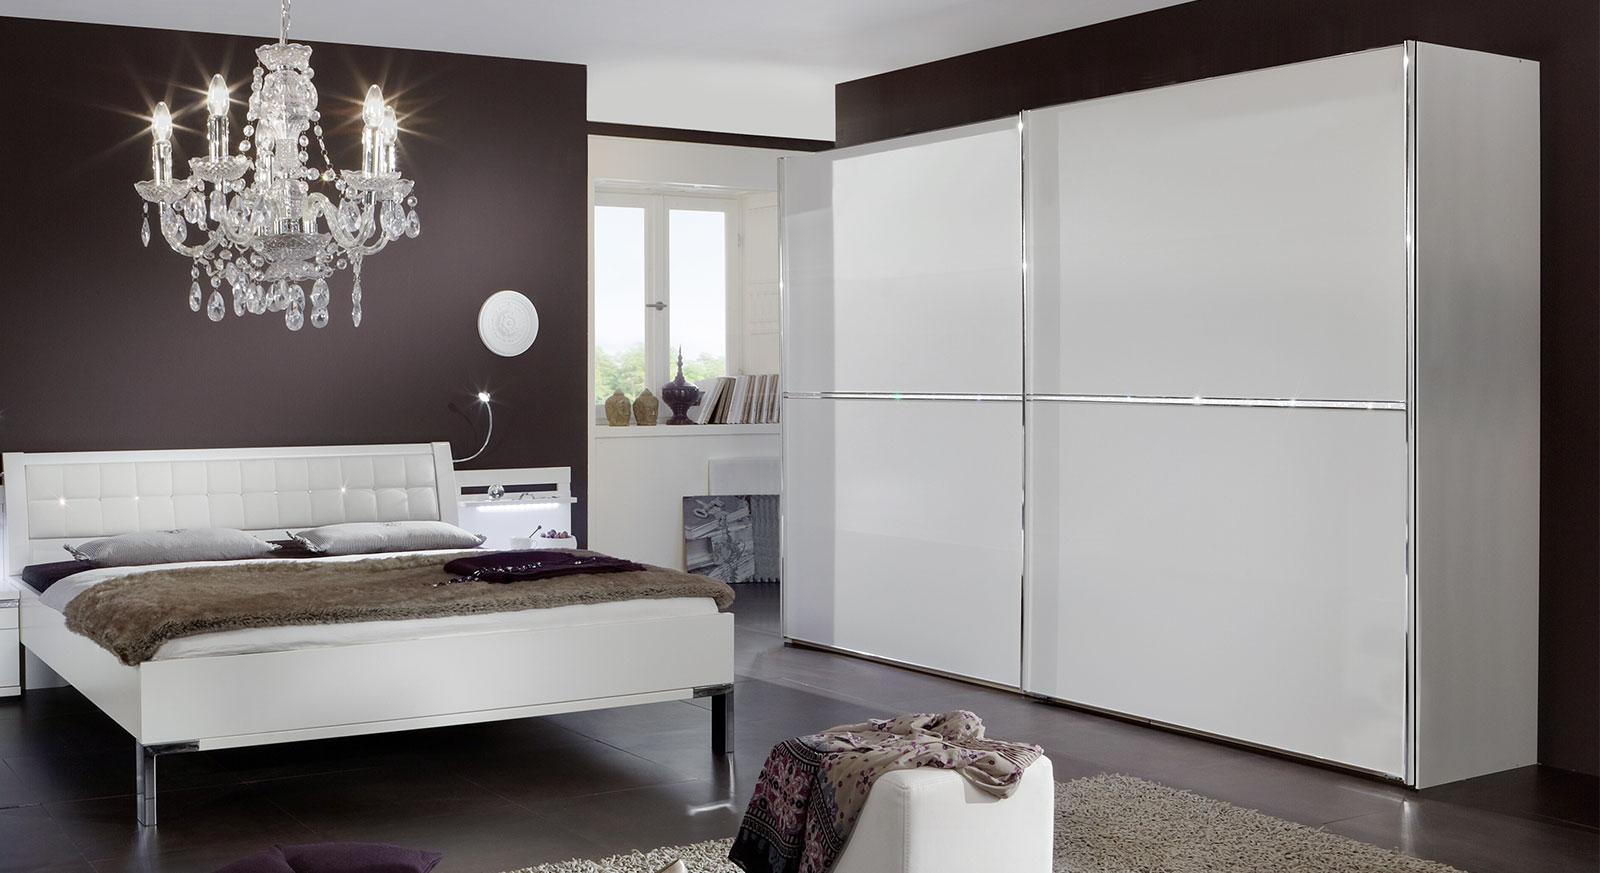 Schwebetüren-Kleiderschrank Huddersfield mit Kristallstein-Applikation